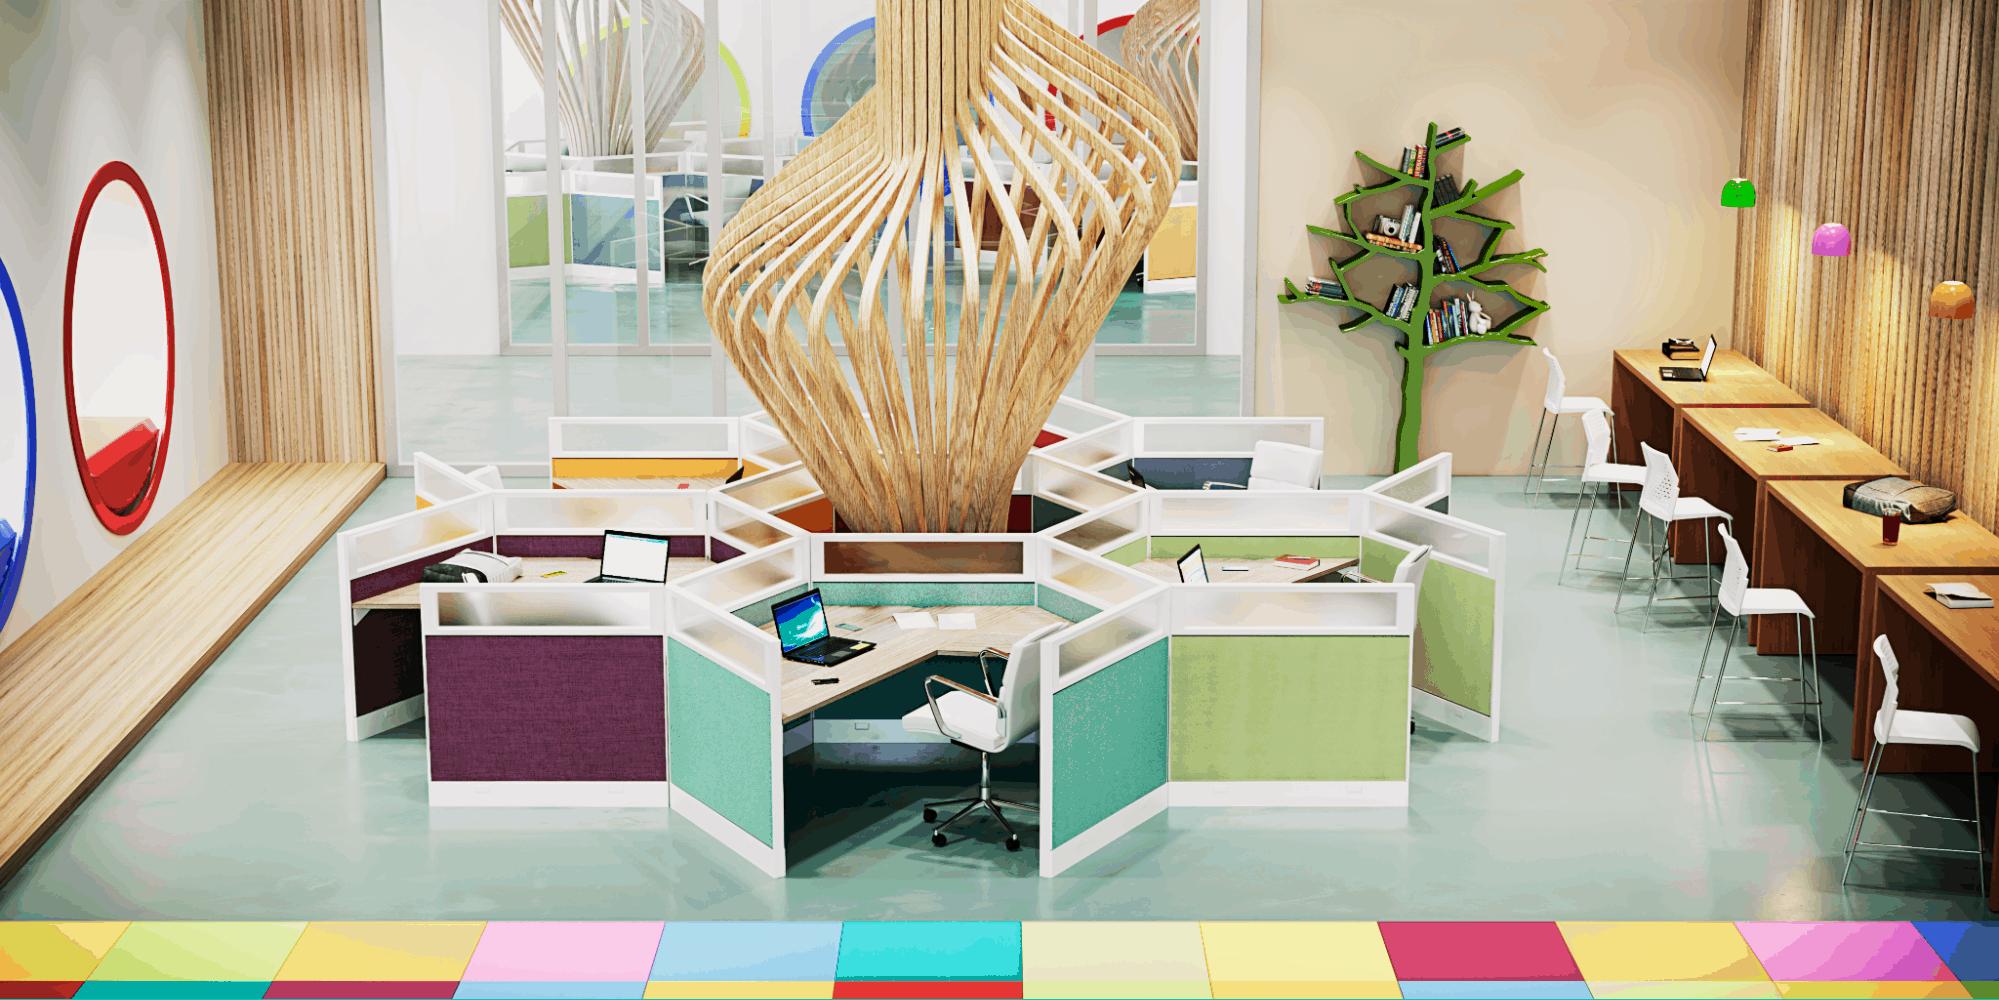 tendencias-de-diseño-de-oficina-centradas-en-las-personas